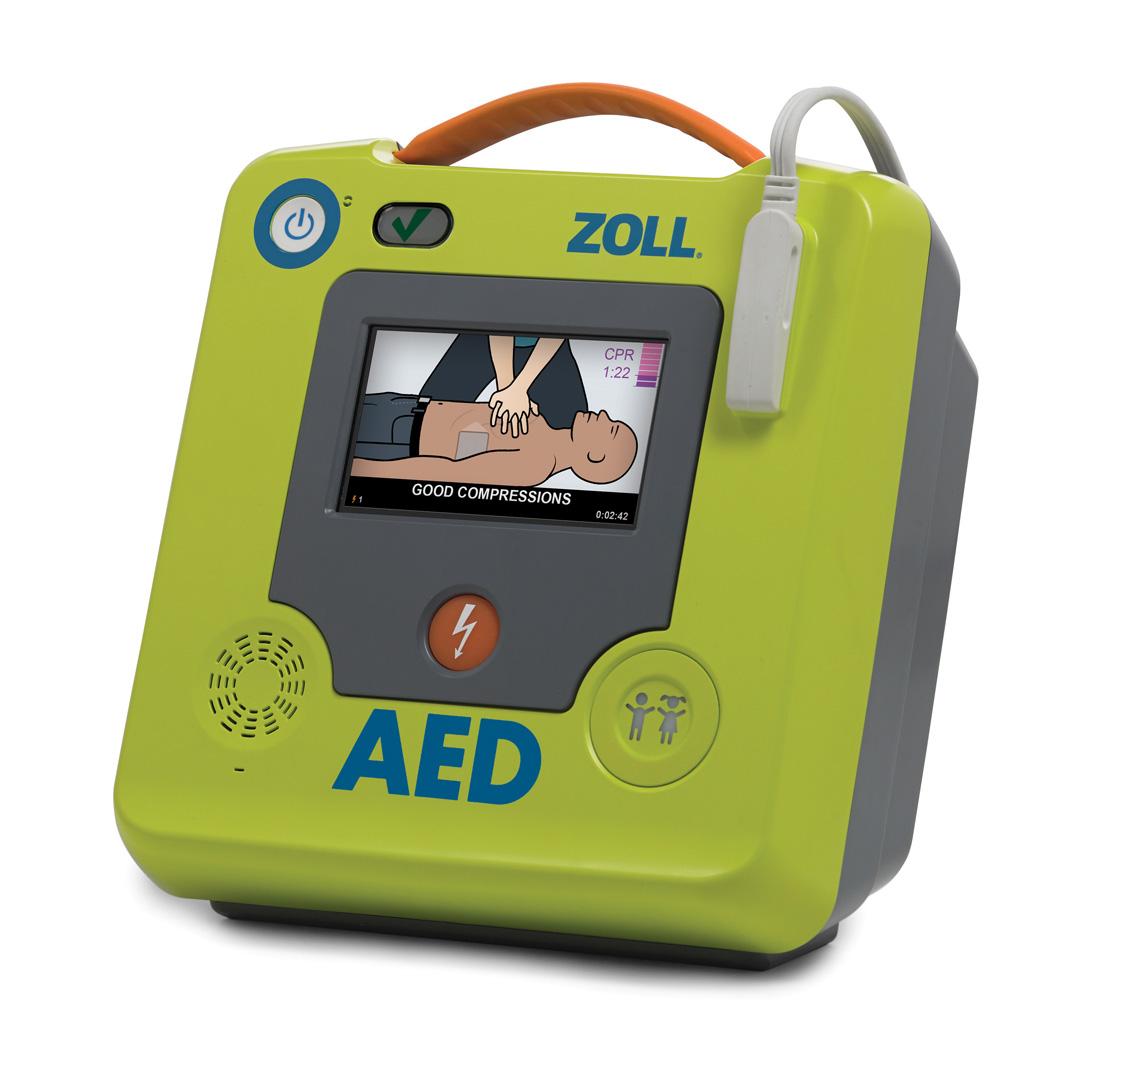 Defibrillatori, la rivoluzione è arrivata: ZOLL lancia ZOLL AED 3 BLS | Emergency Live 35